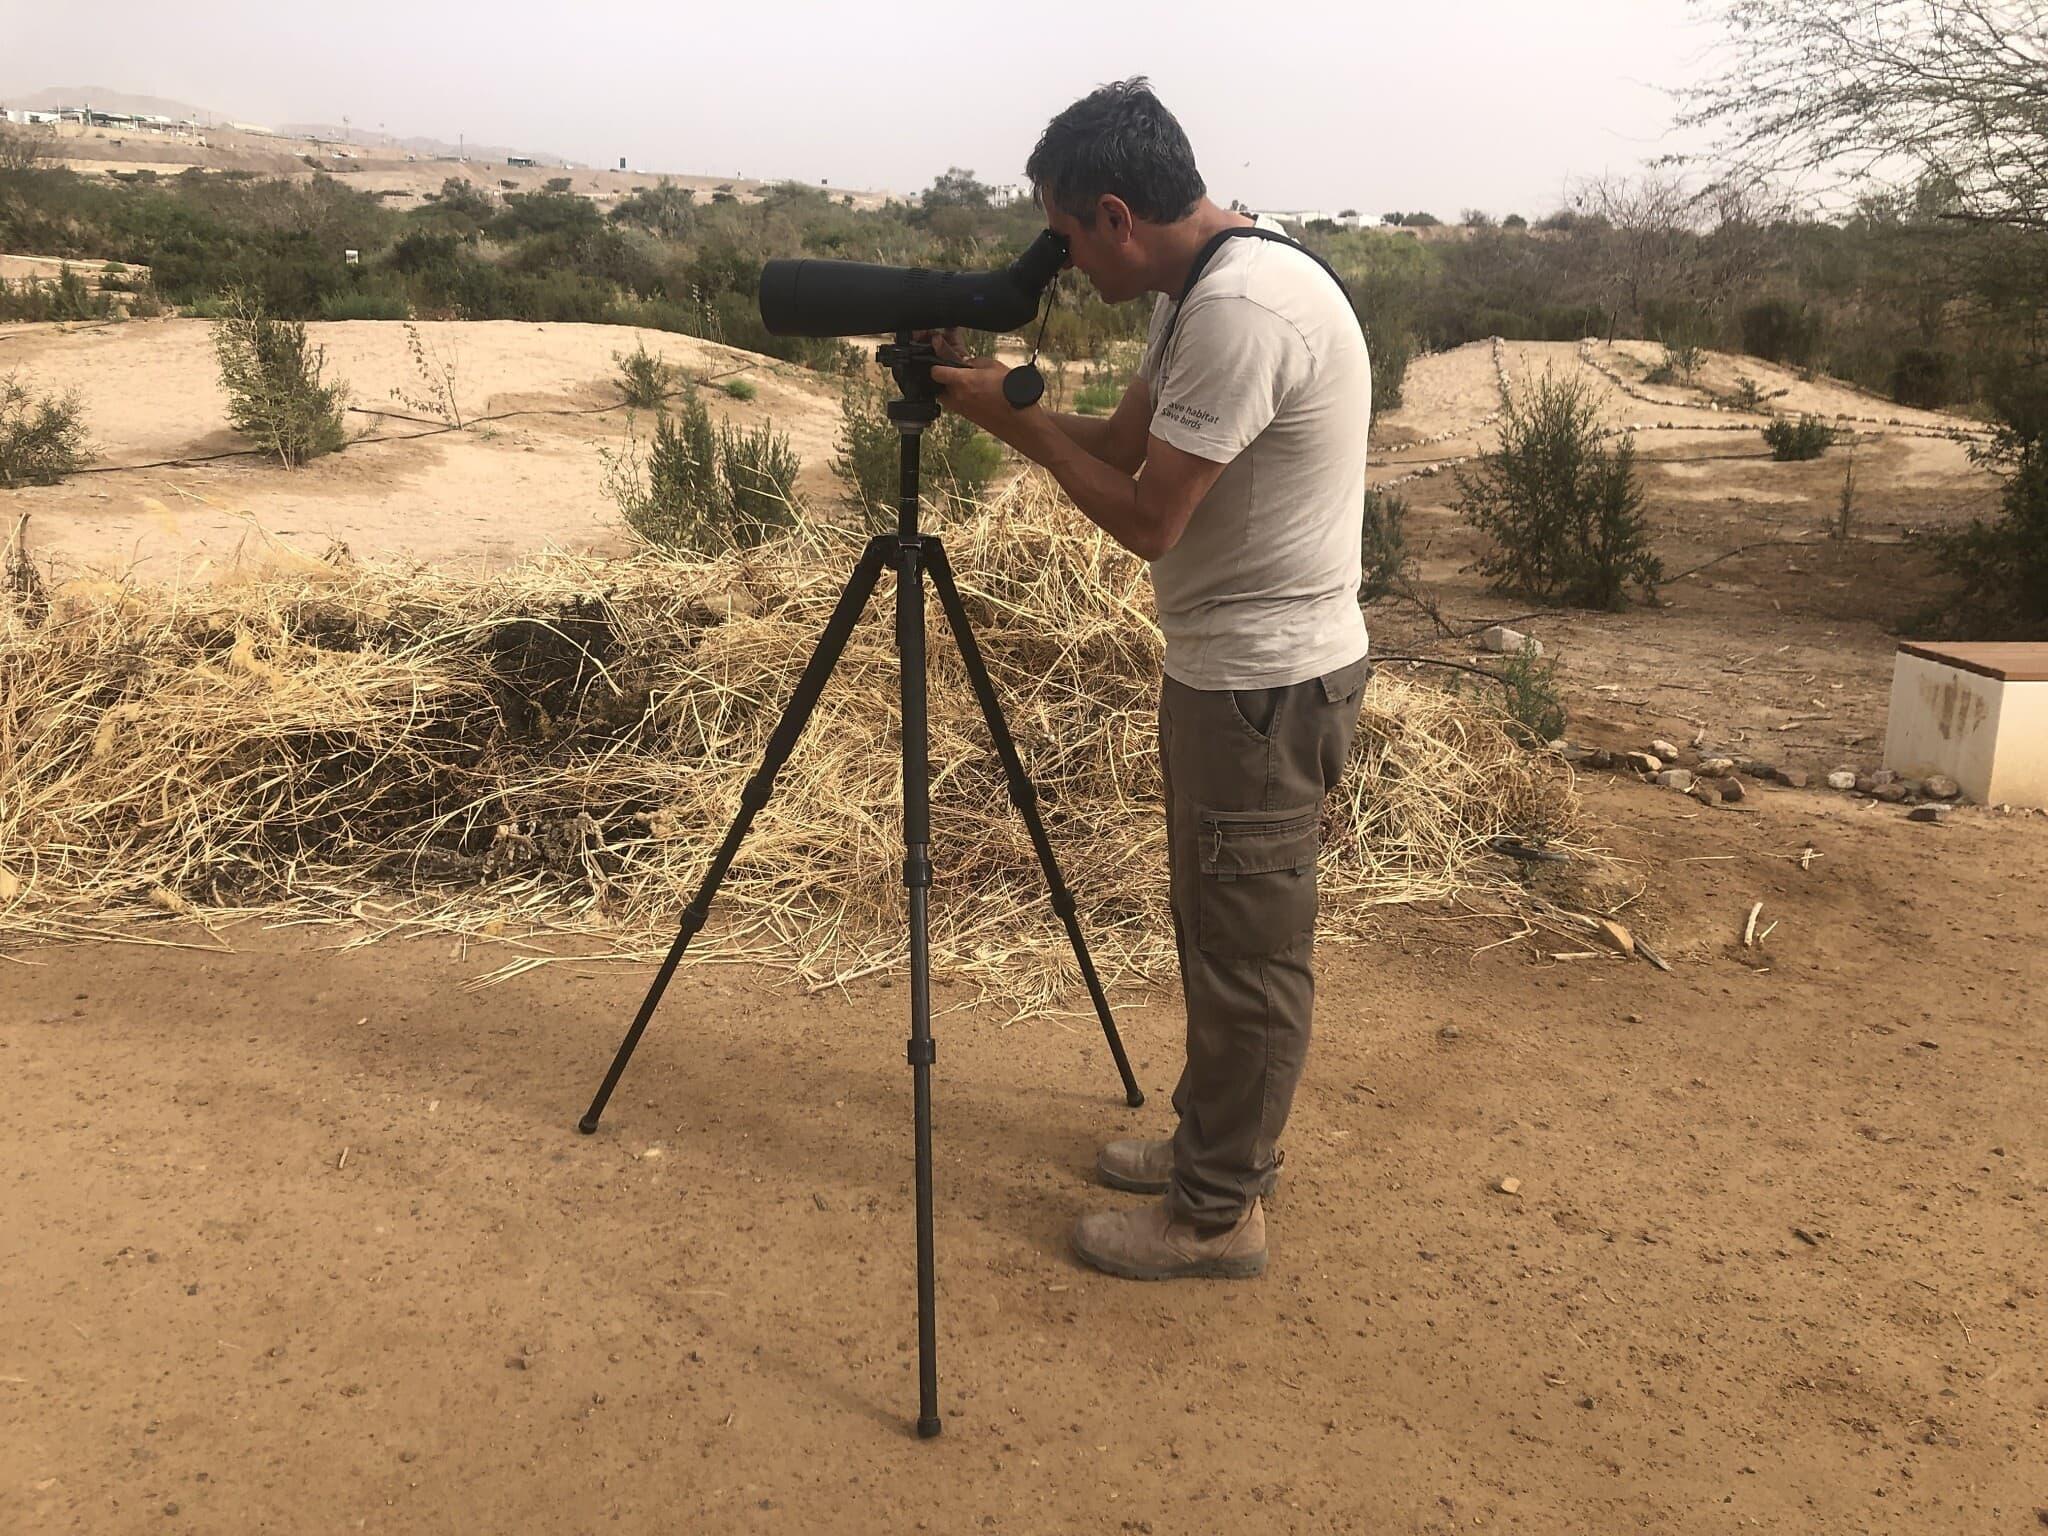 נועם וייס, מנהל המרכז הבינלאומי לצפרות באילת, מנסה לזהות את הציפורים המבקרות (צילום: סו סורקיס)